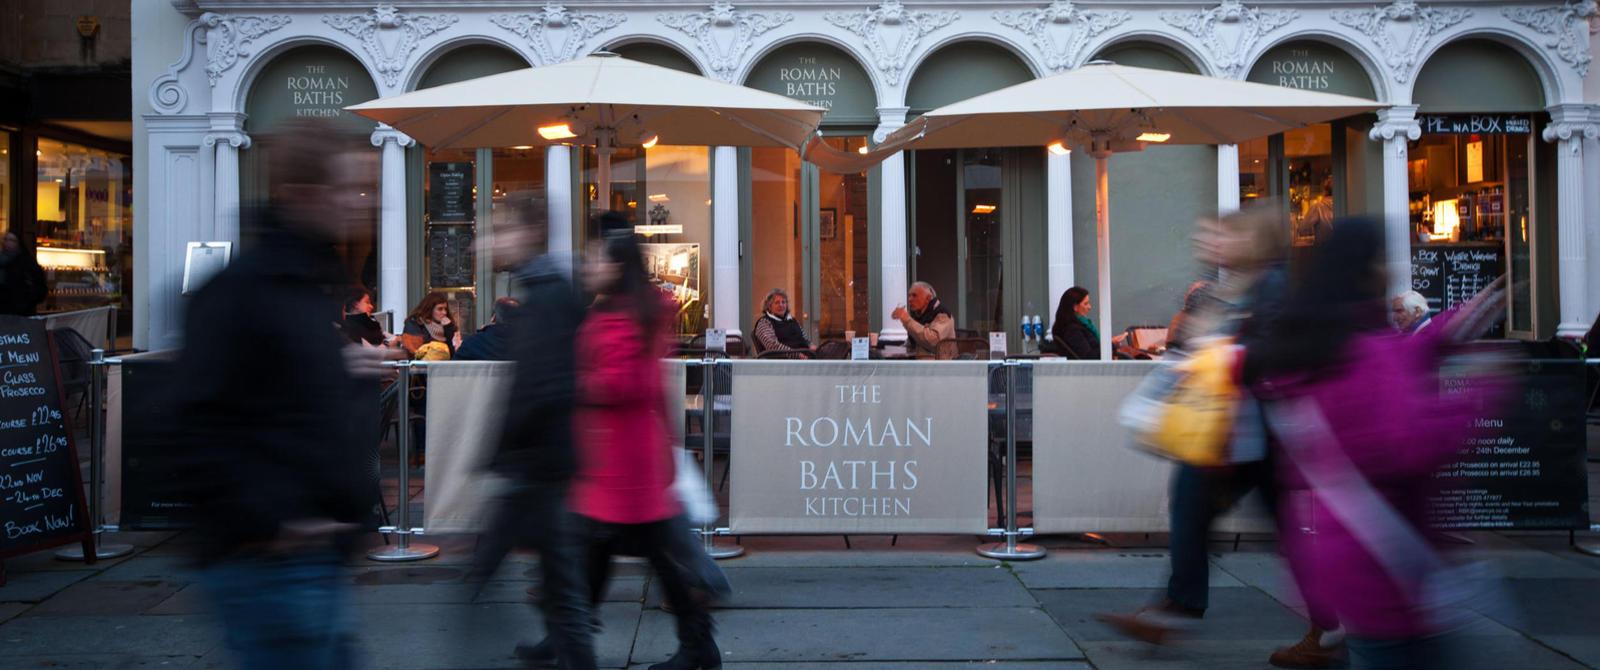 罗马浴场厨房